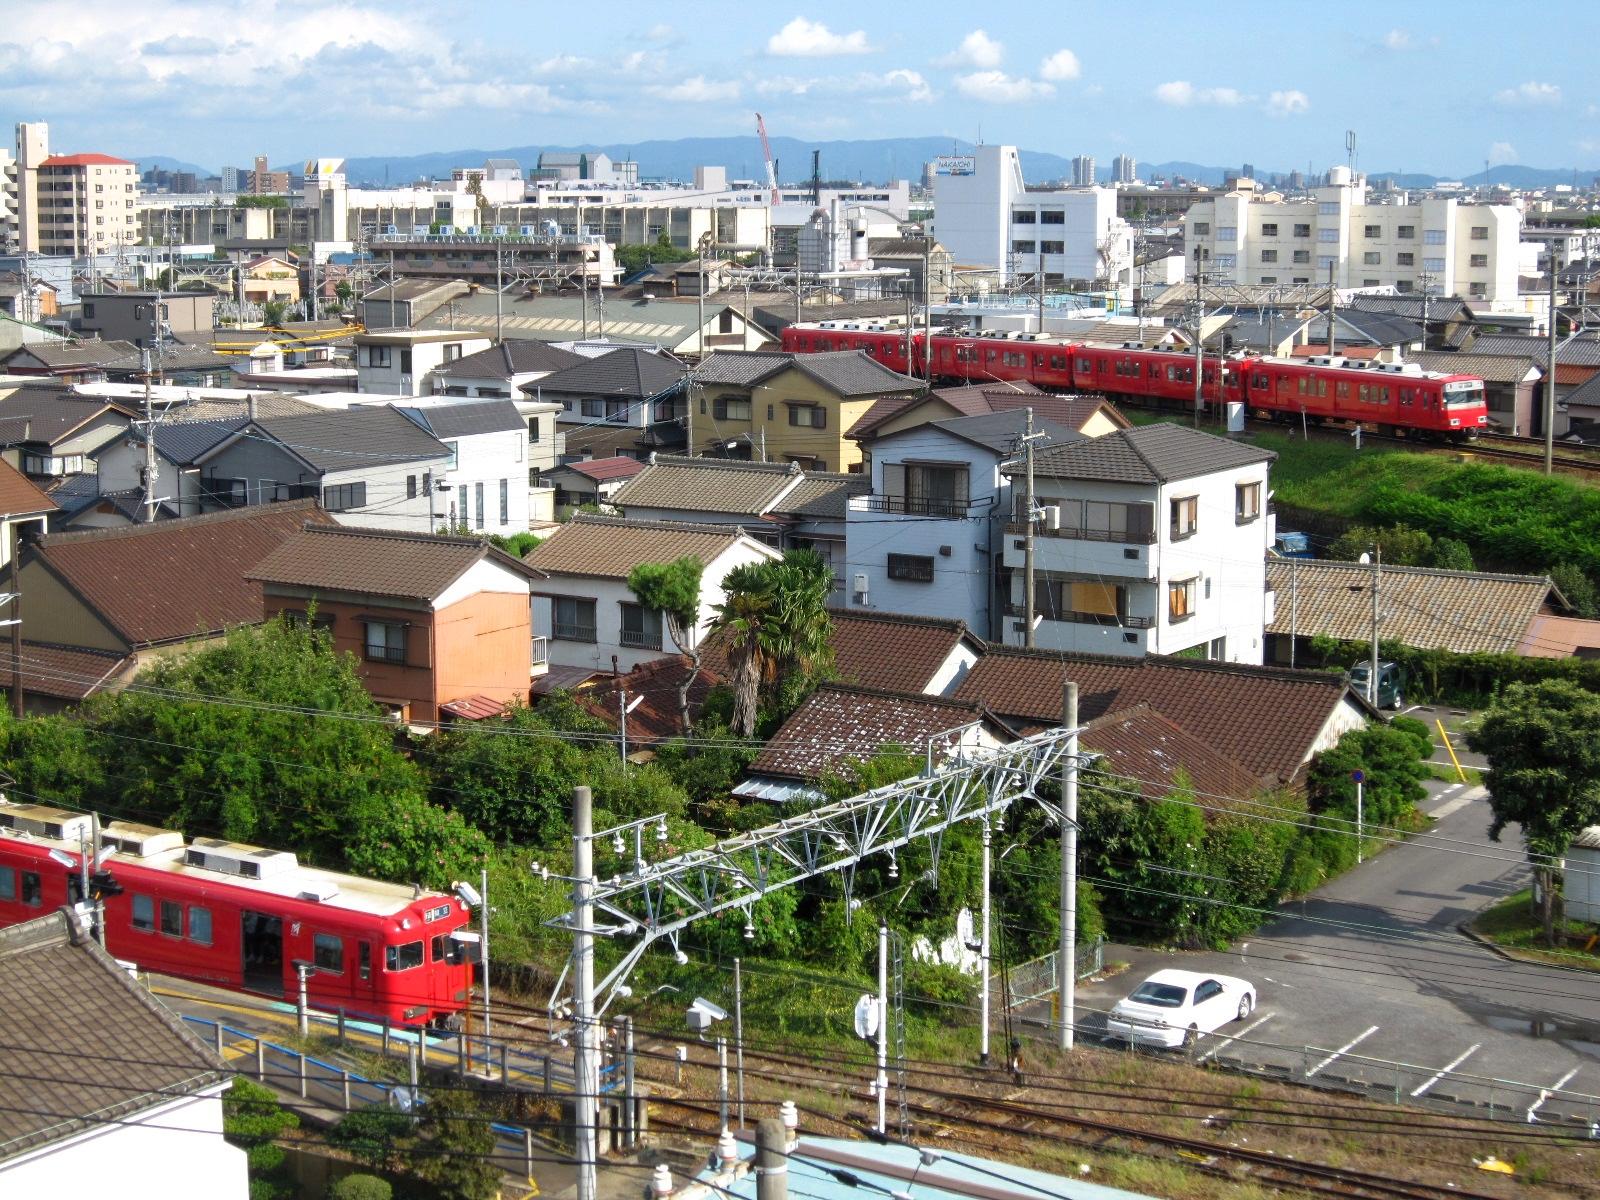 【第30話】愛知県知立市 三河知立駅 - 愛知